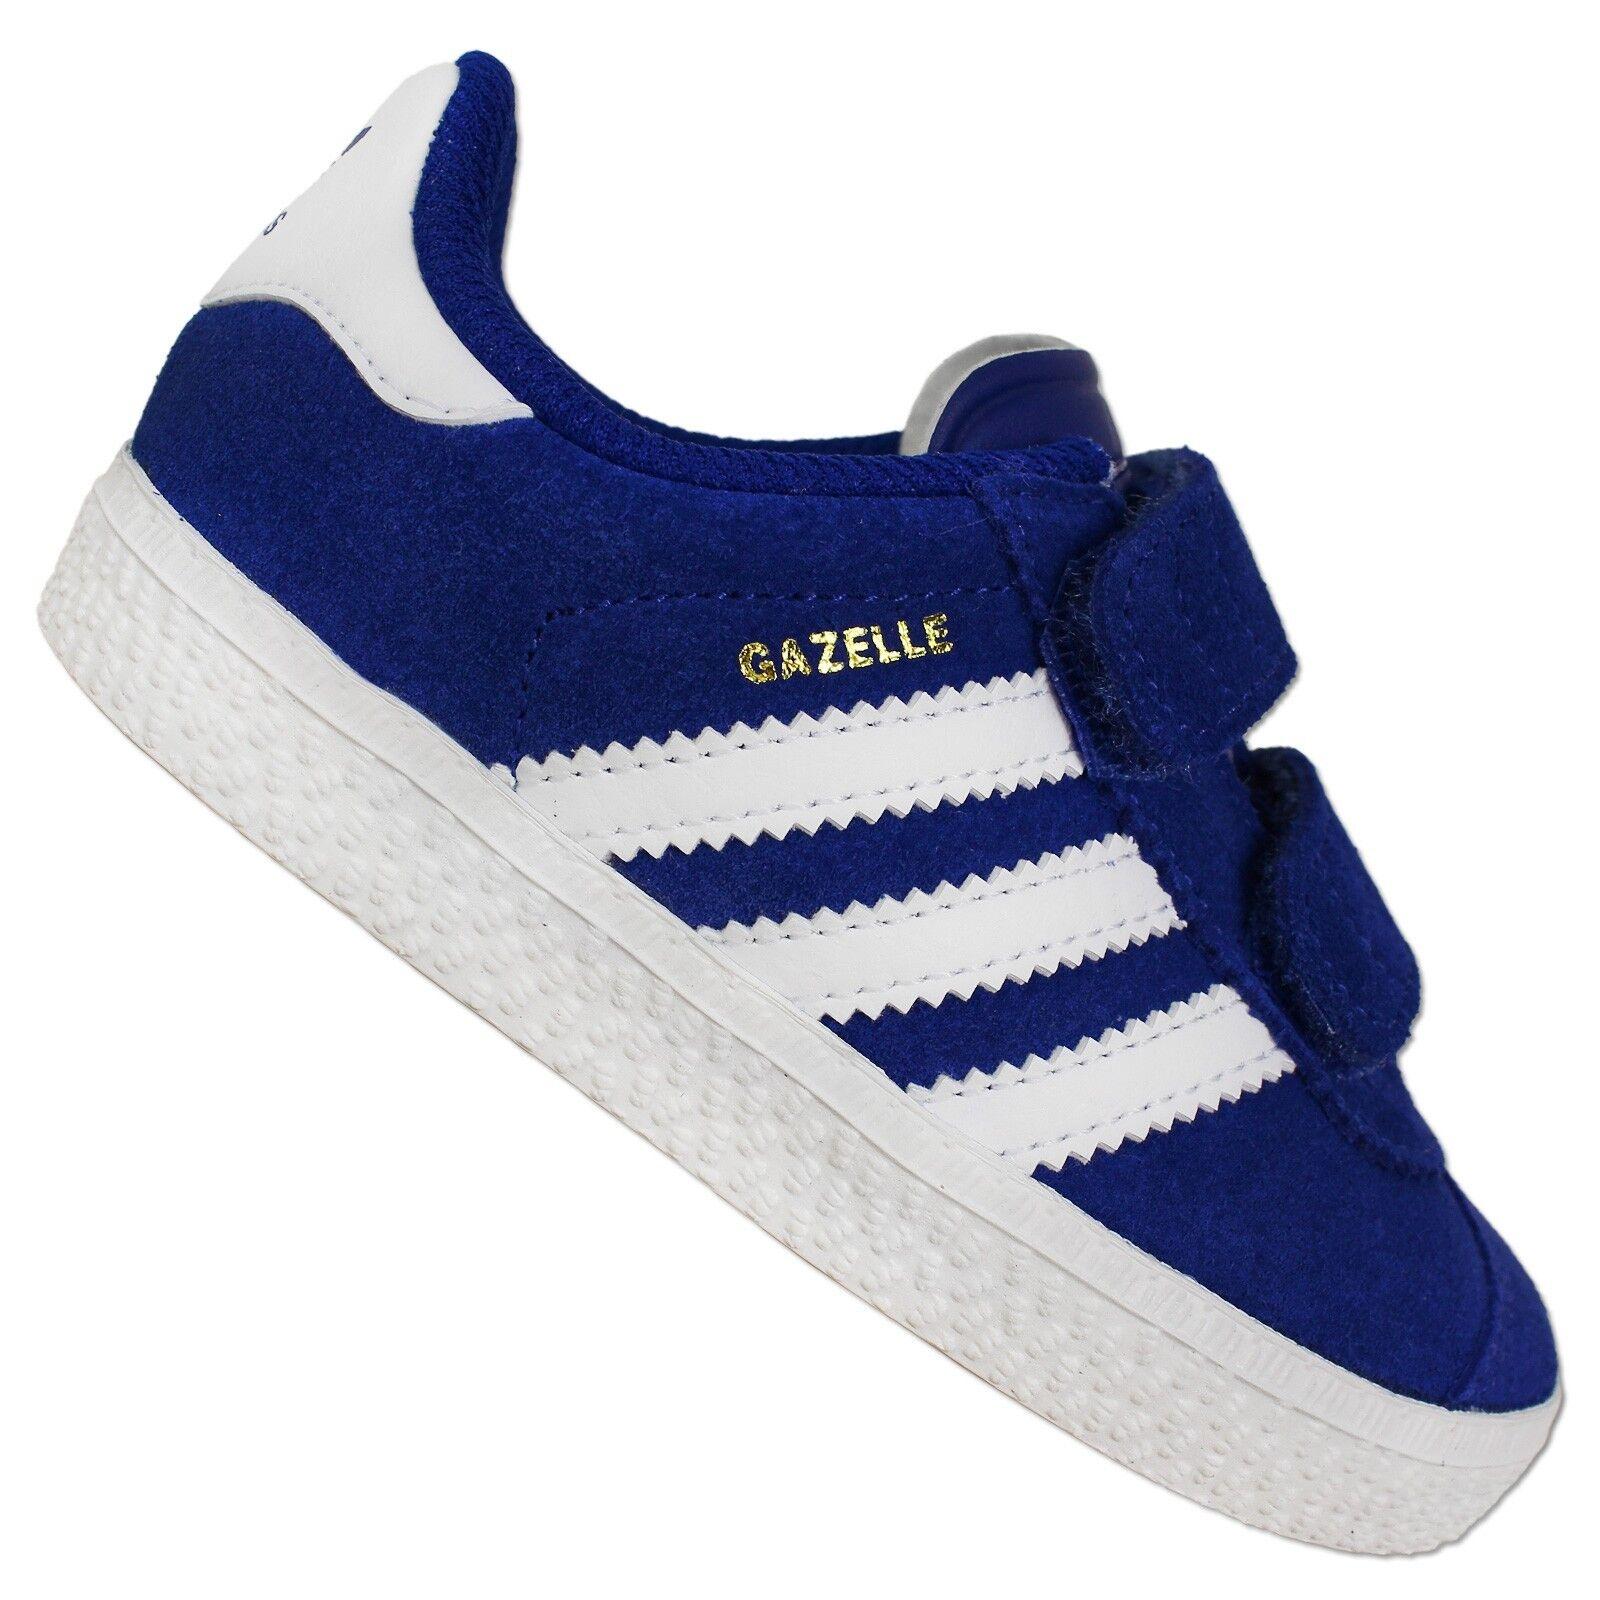 Babyschuhe Adidas Gazelle Test Vergleich +++ Babyschuhe Adidas ...